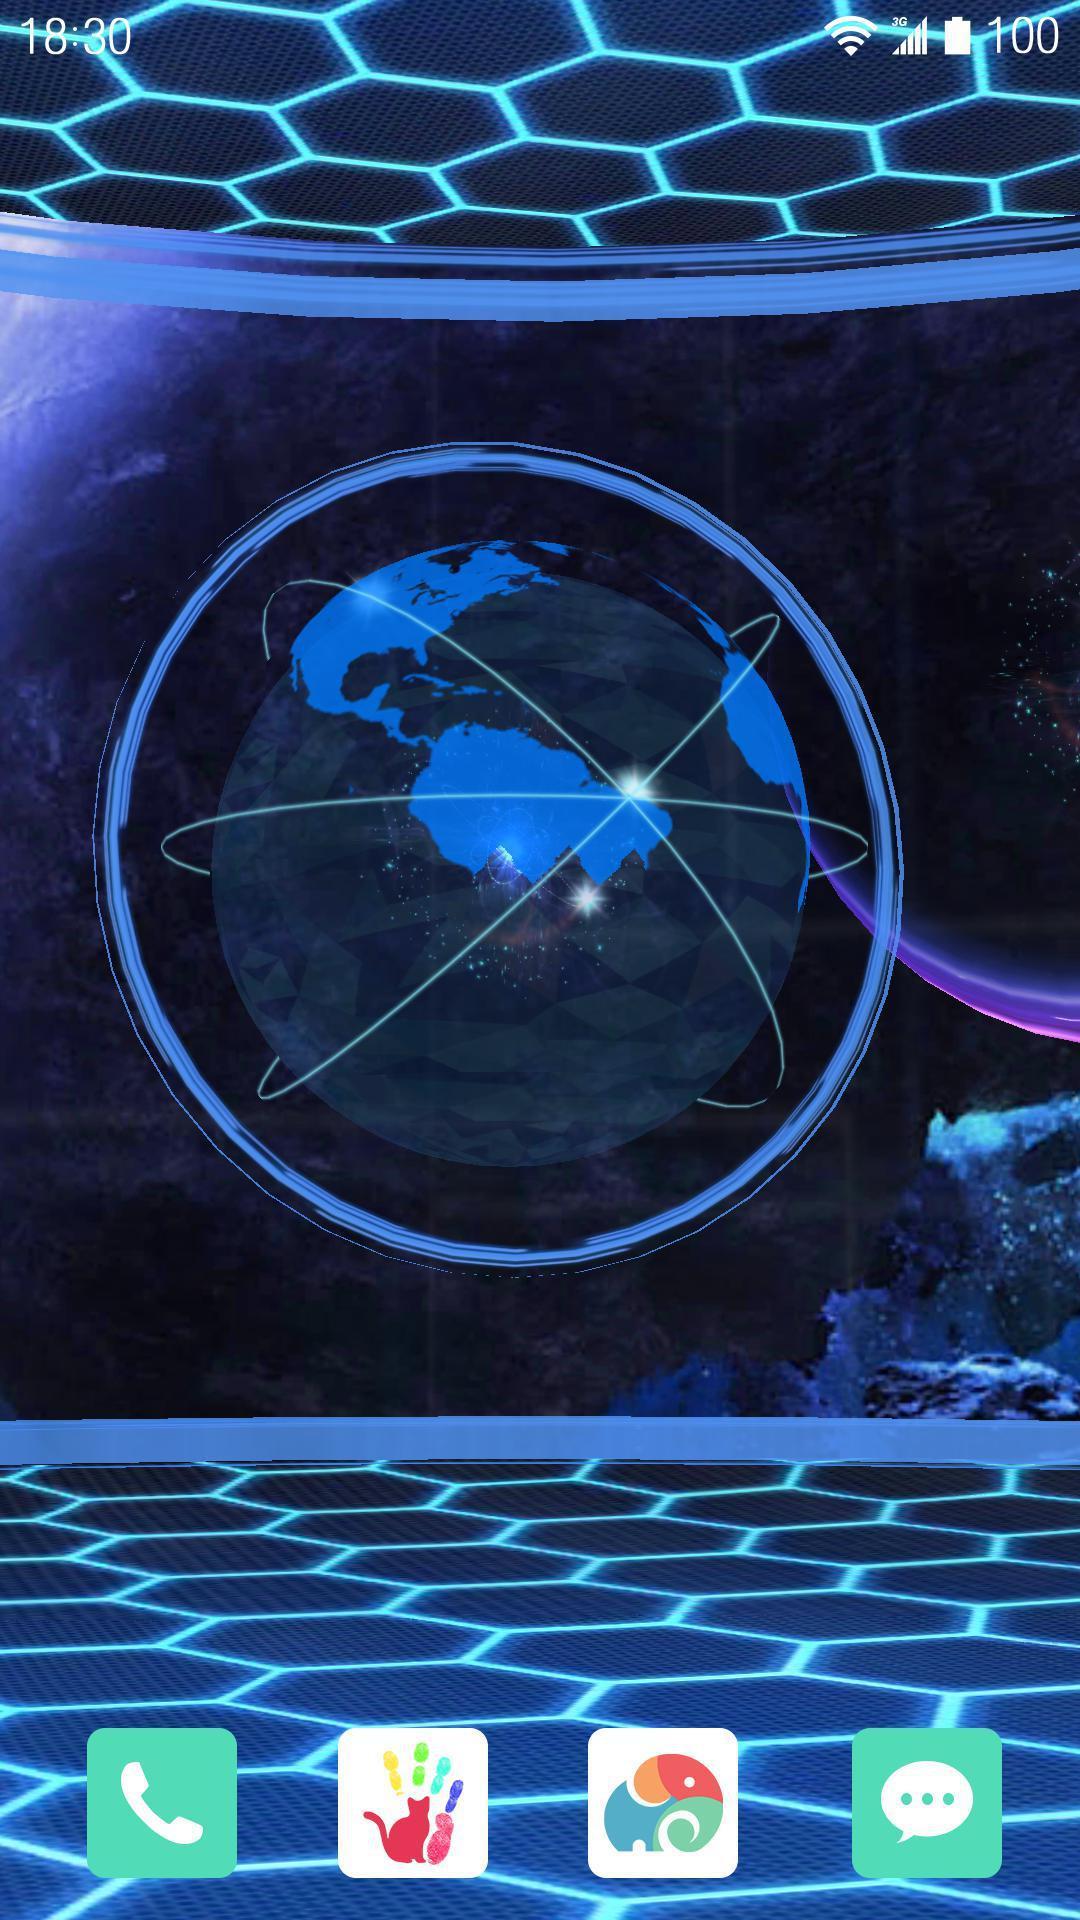 3D晶体星球-梦象动态壁纸